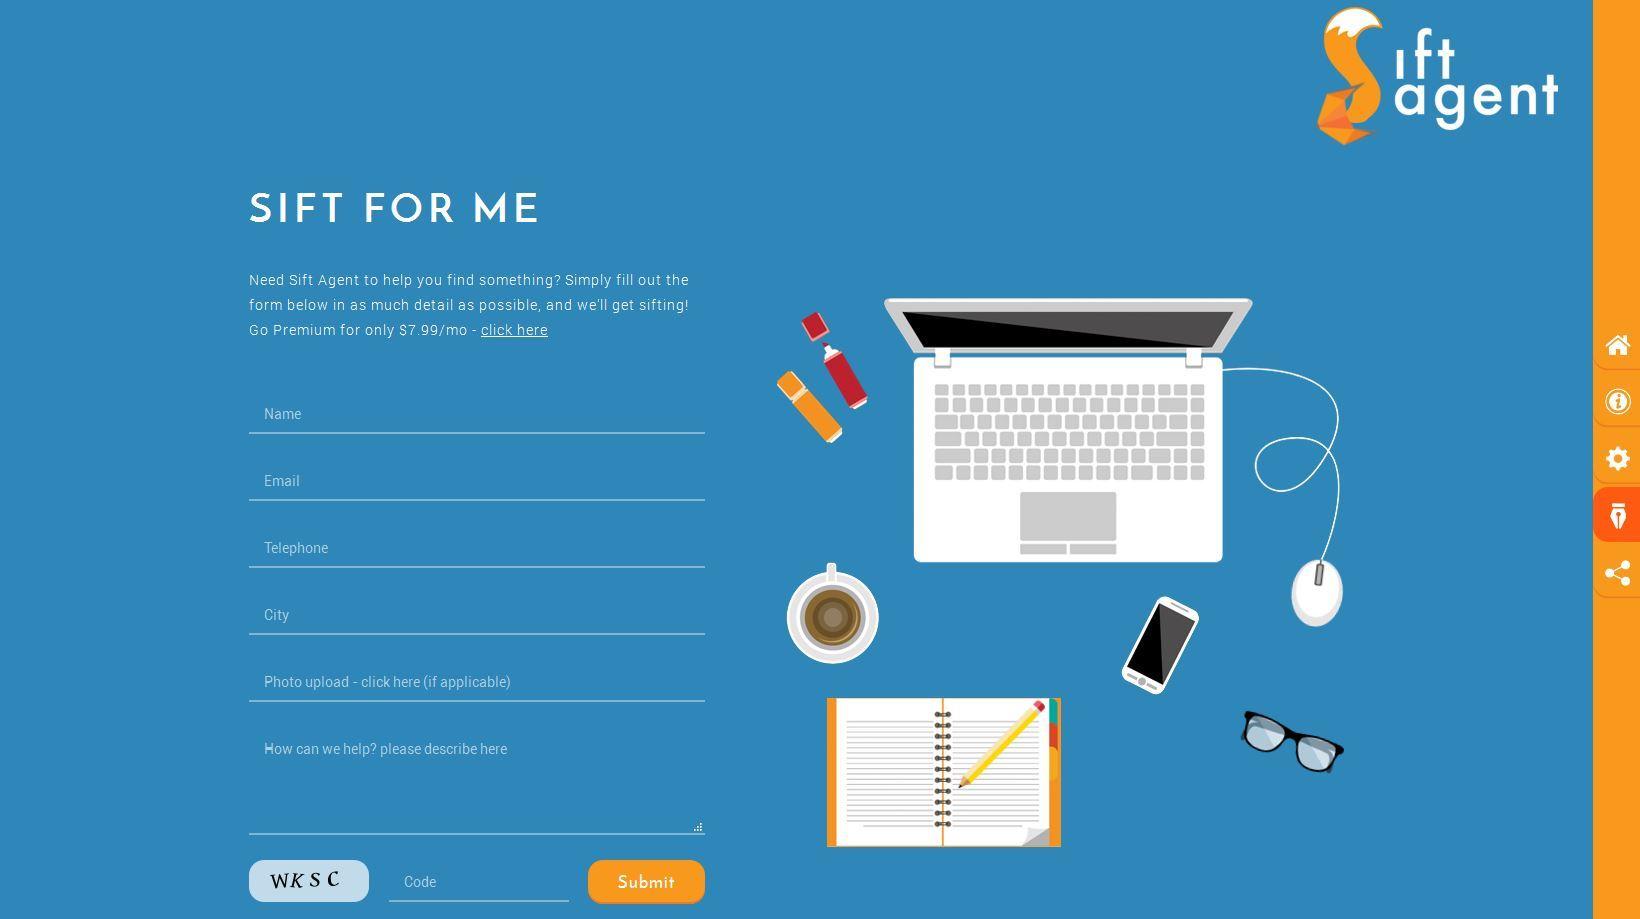 website design sift agent